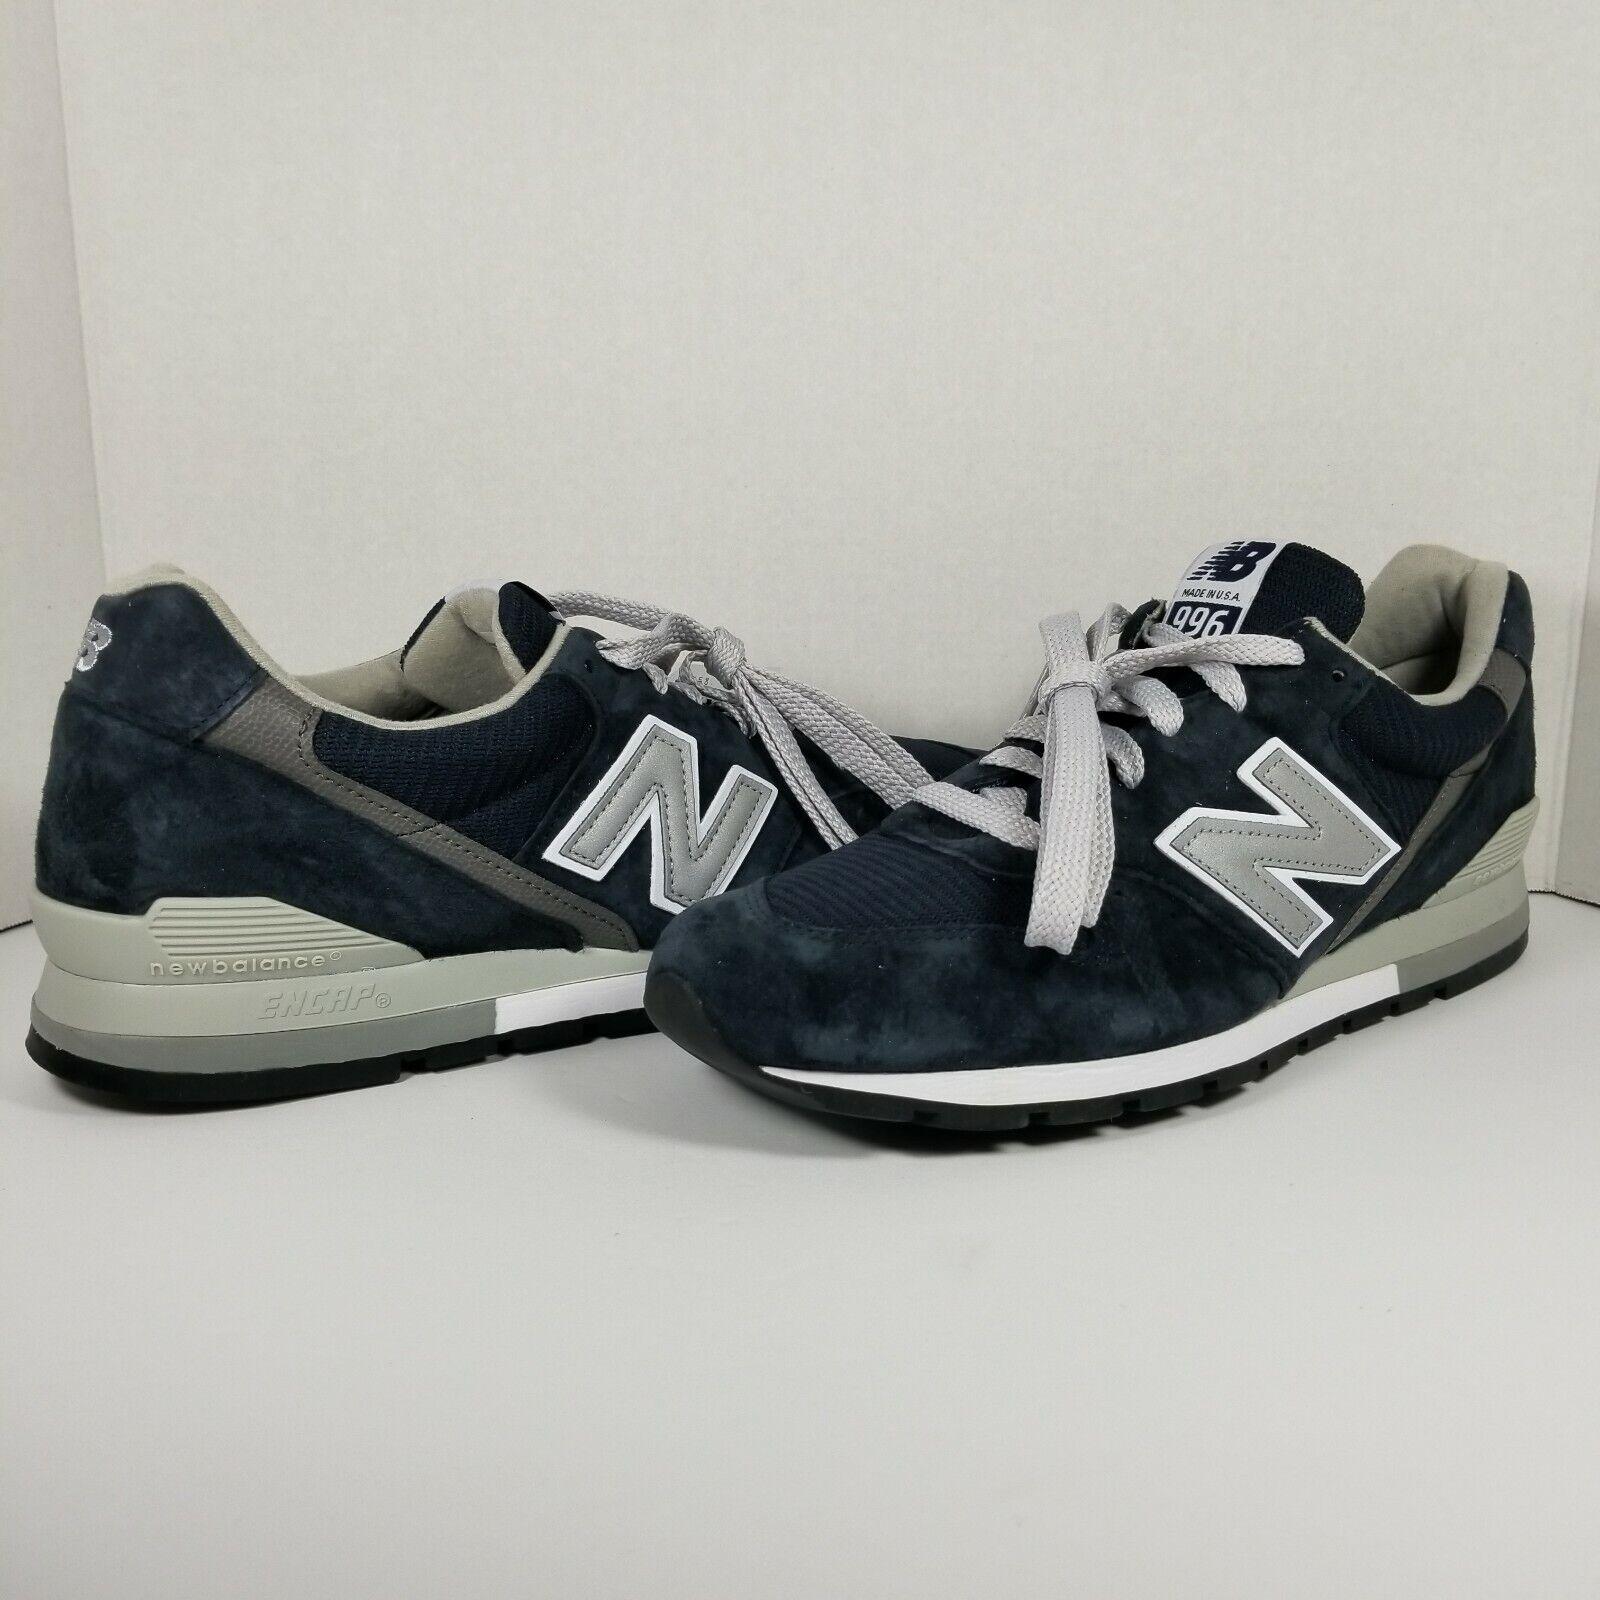 Nuova bilancia 996 Navy bianca Classic  Men's Running scarpe M96NAV - Dimensione 12  benvenuto per ordinare